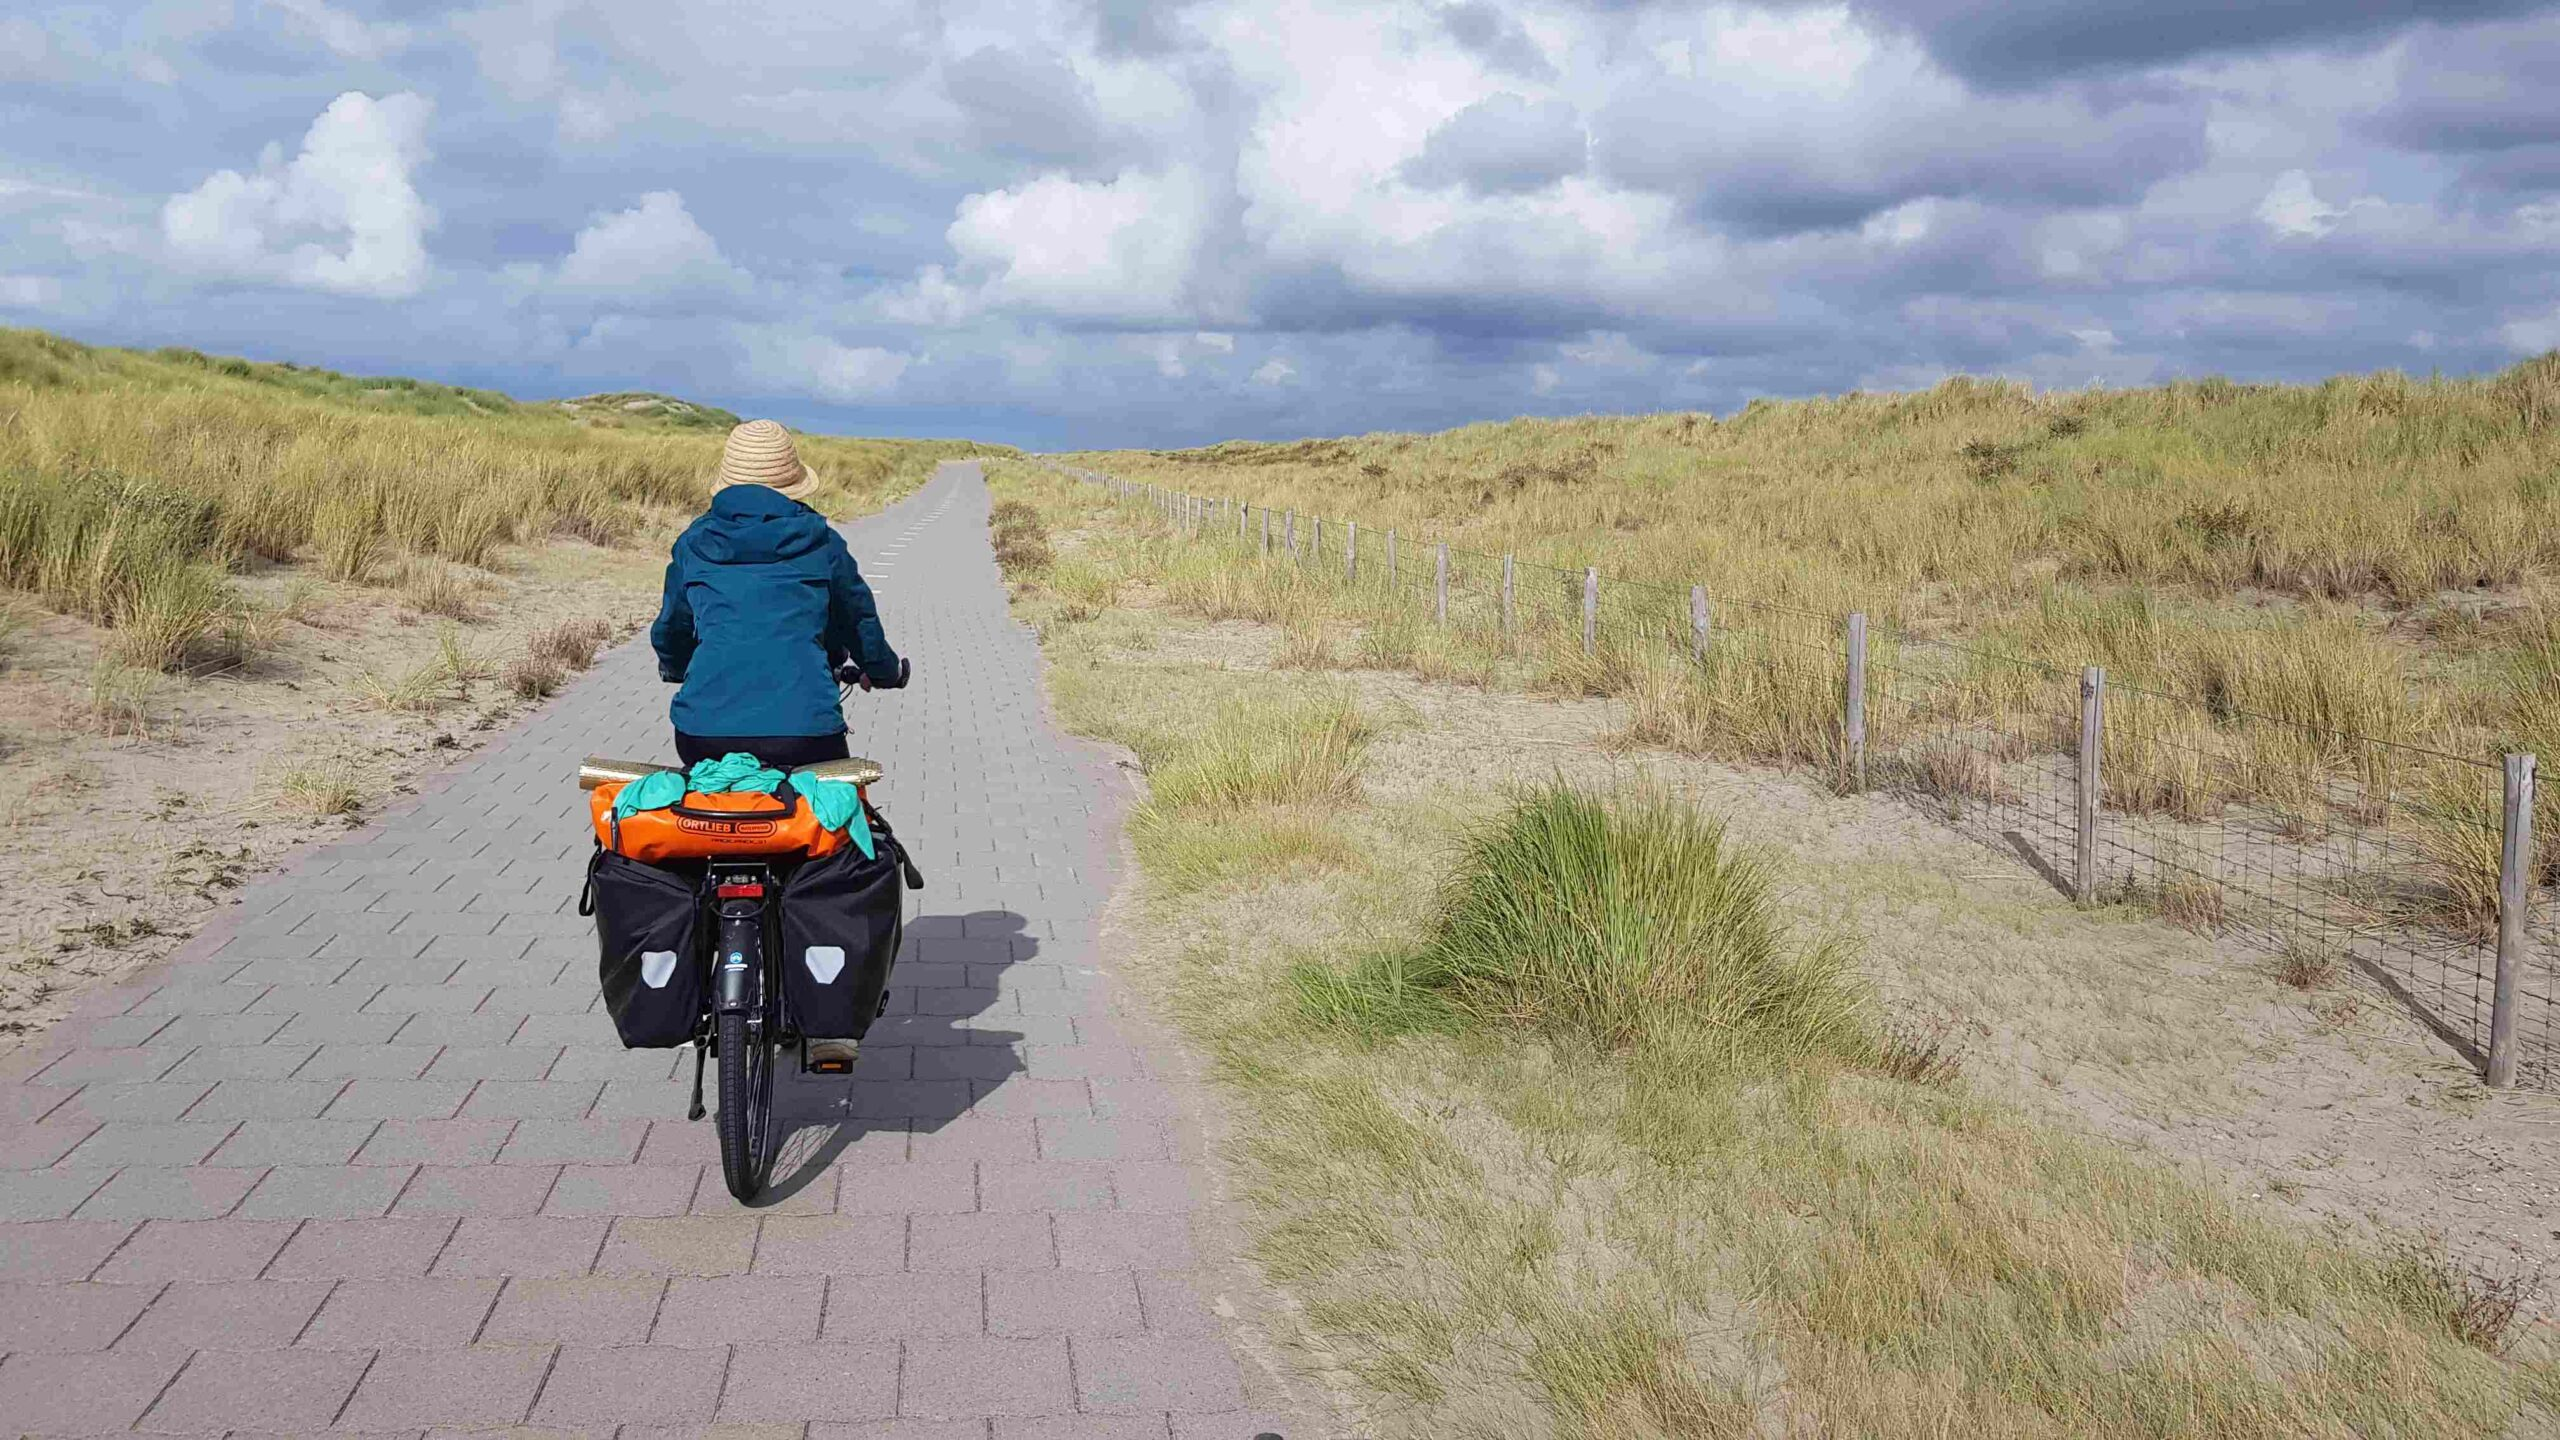 Rondje-Nederland-met-baby-fietsen-Scheveningen-Den-Haag